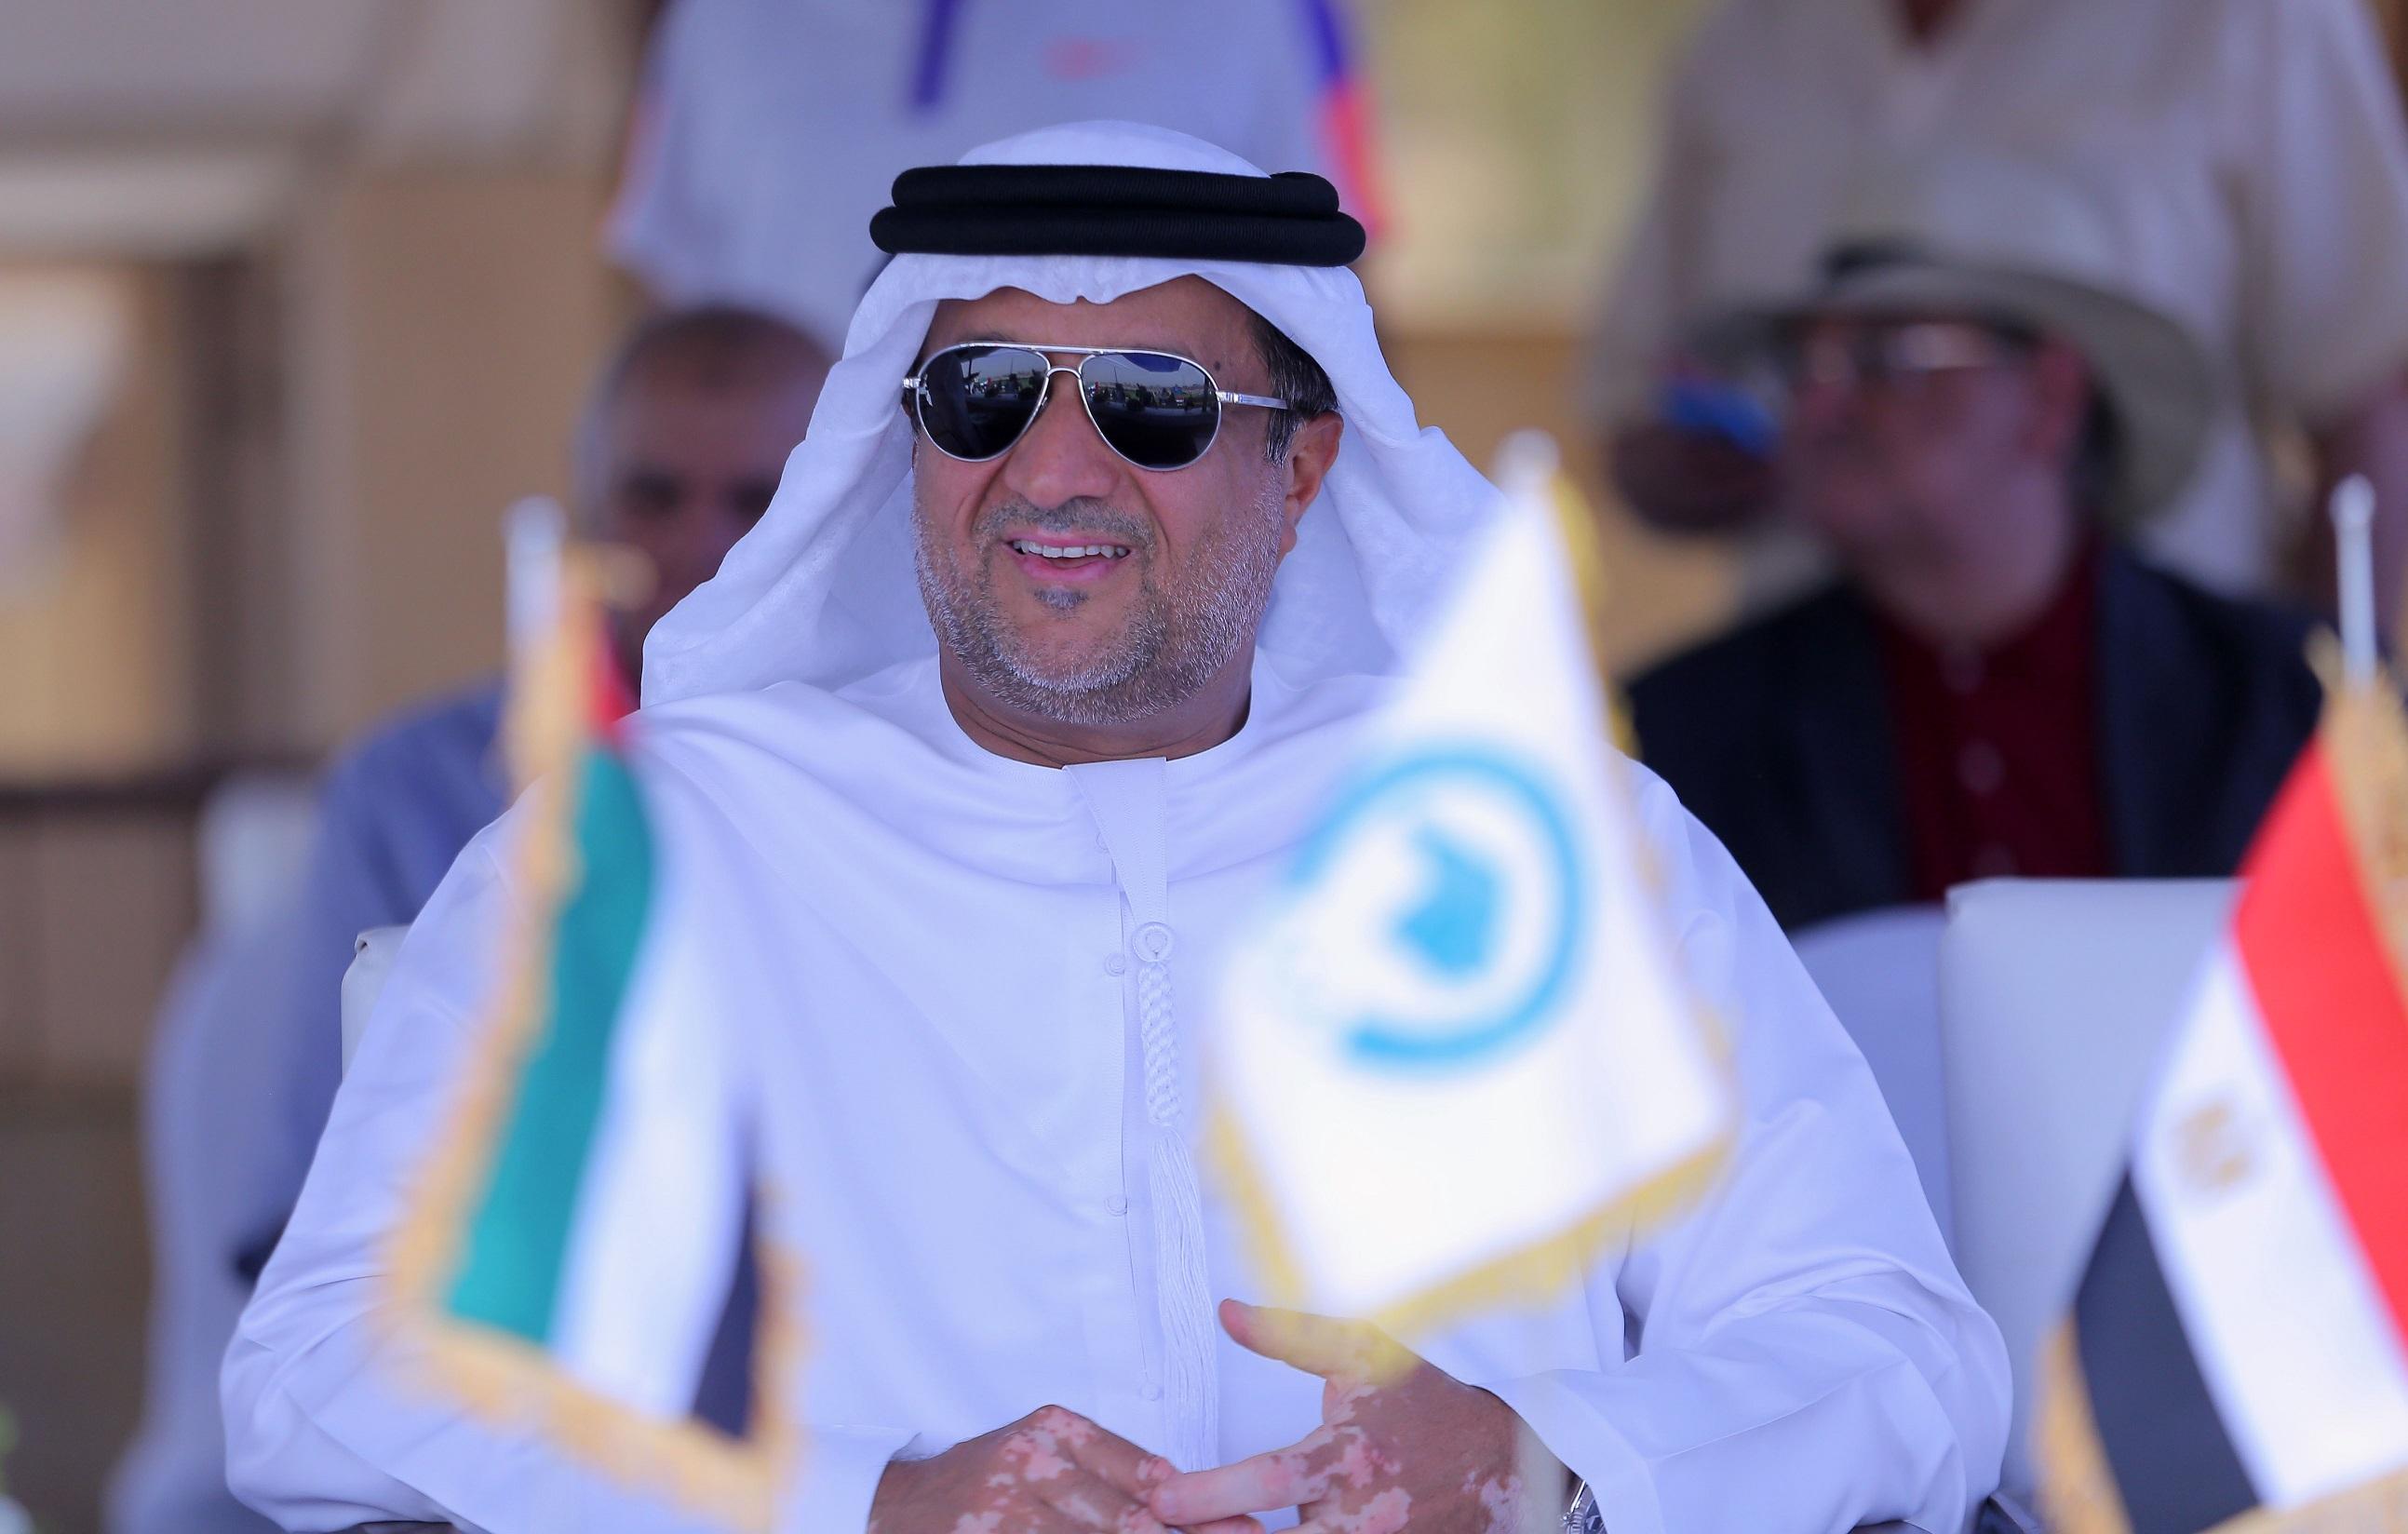 بلجيكا تستضيف المحطة الخامسة لكأس رئيس الدولة للخيول العربية الأصيلة غدا. 2